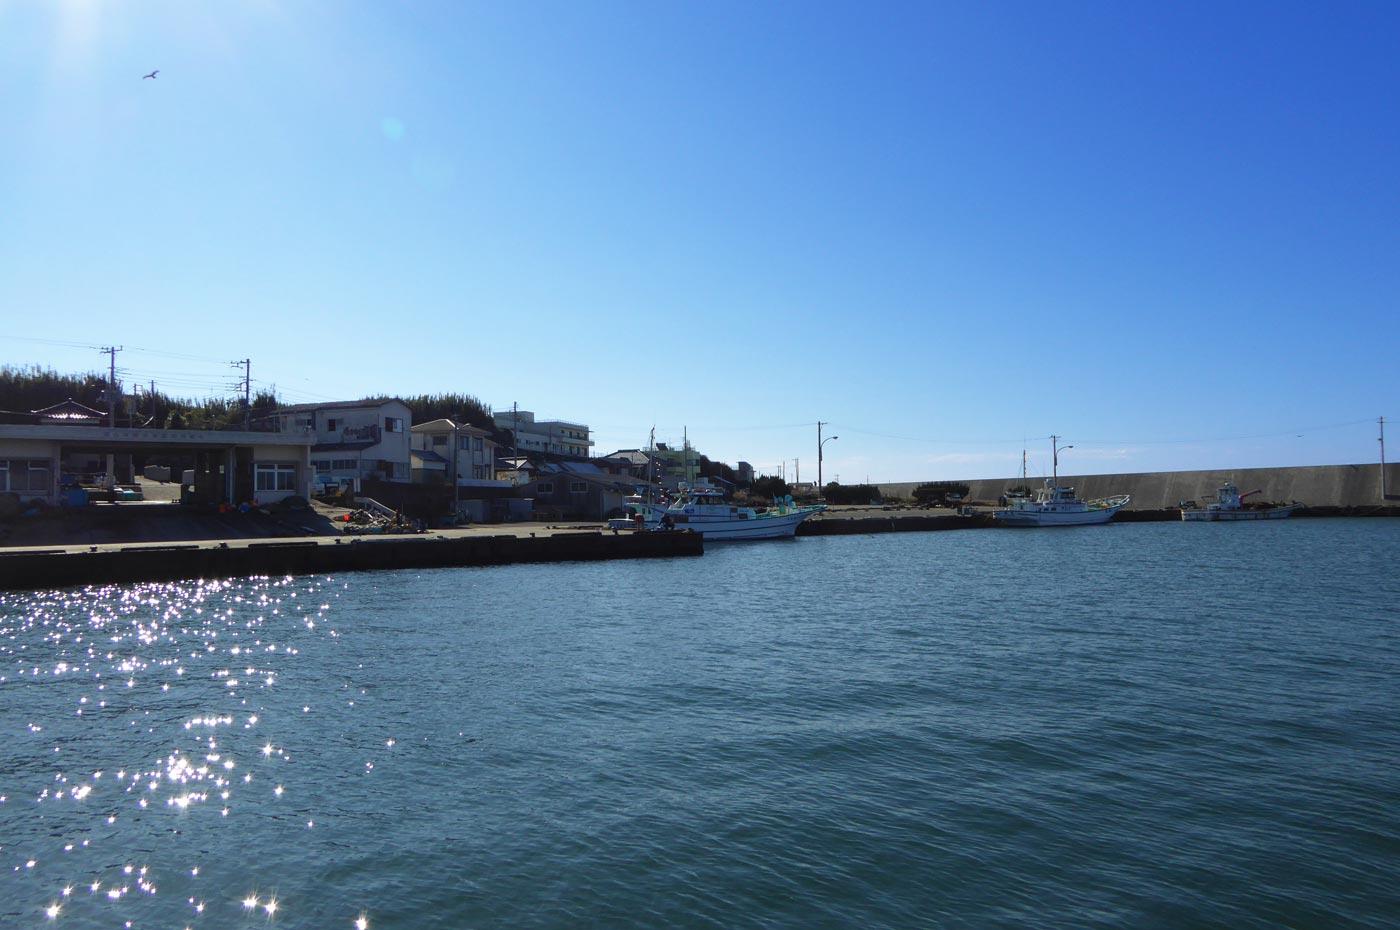 相浜港魚市場前の画像